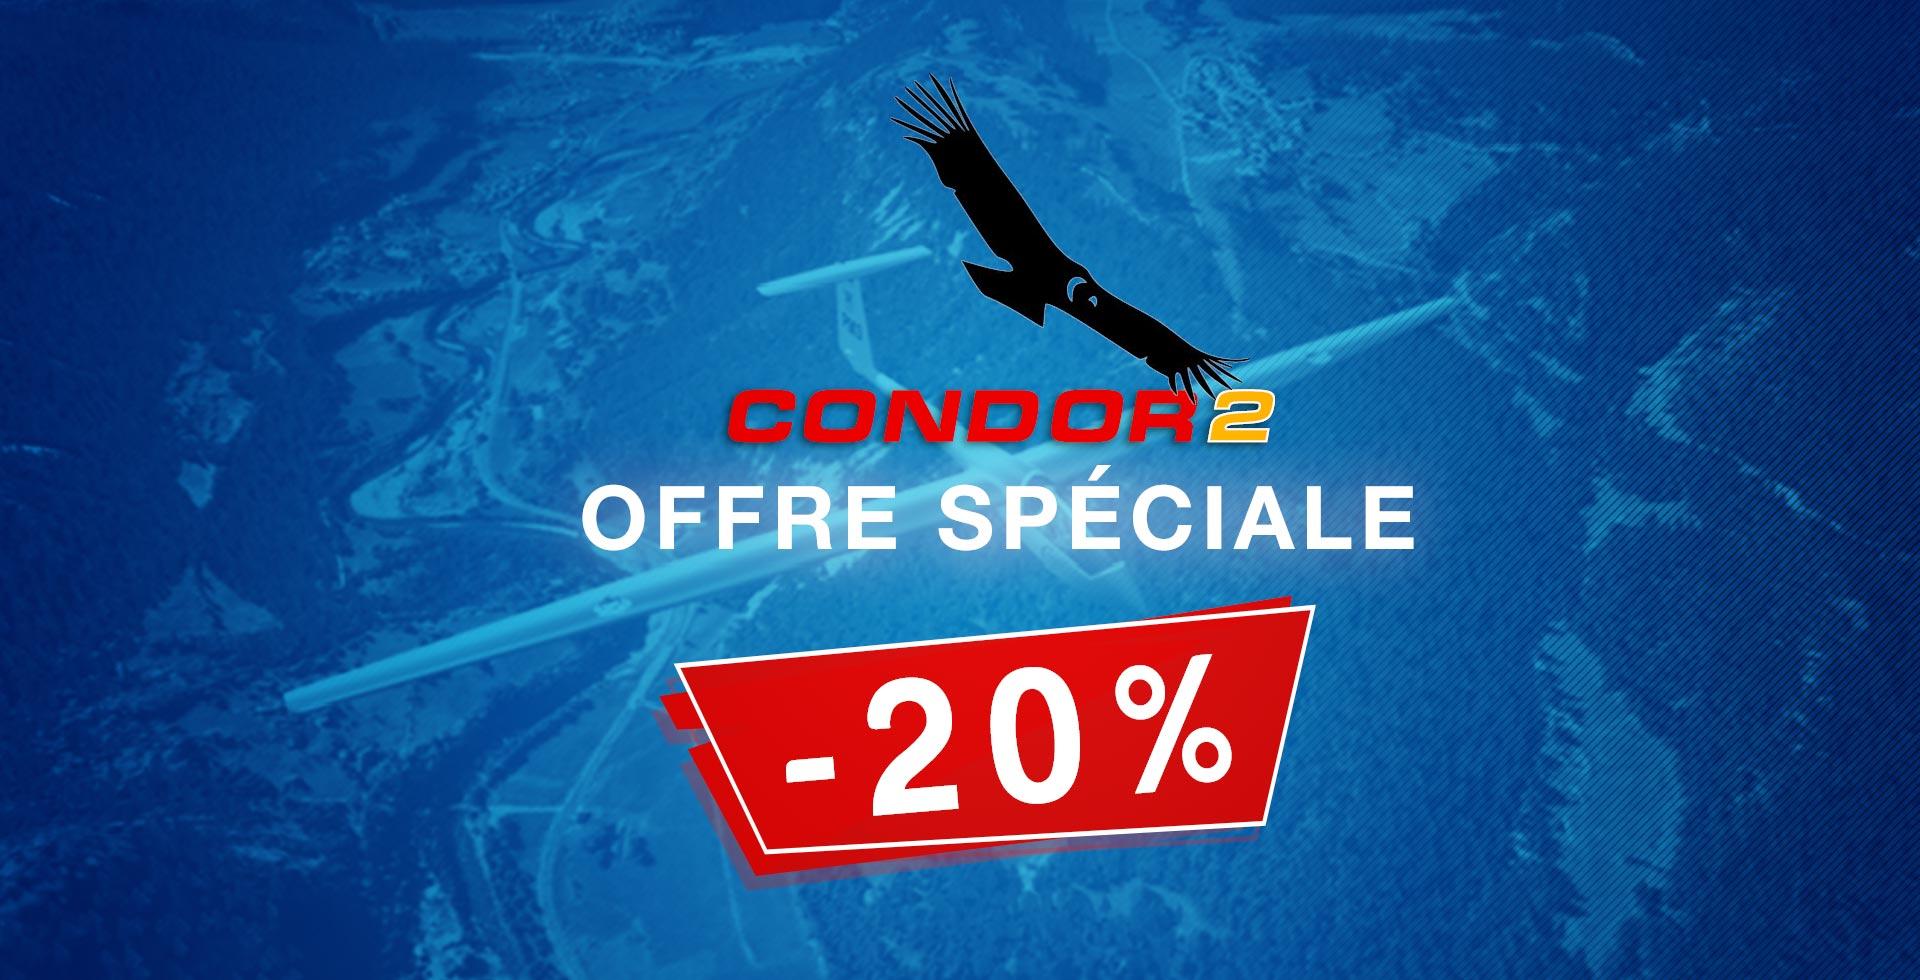 Offre spéciale Condor 2